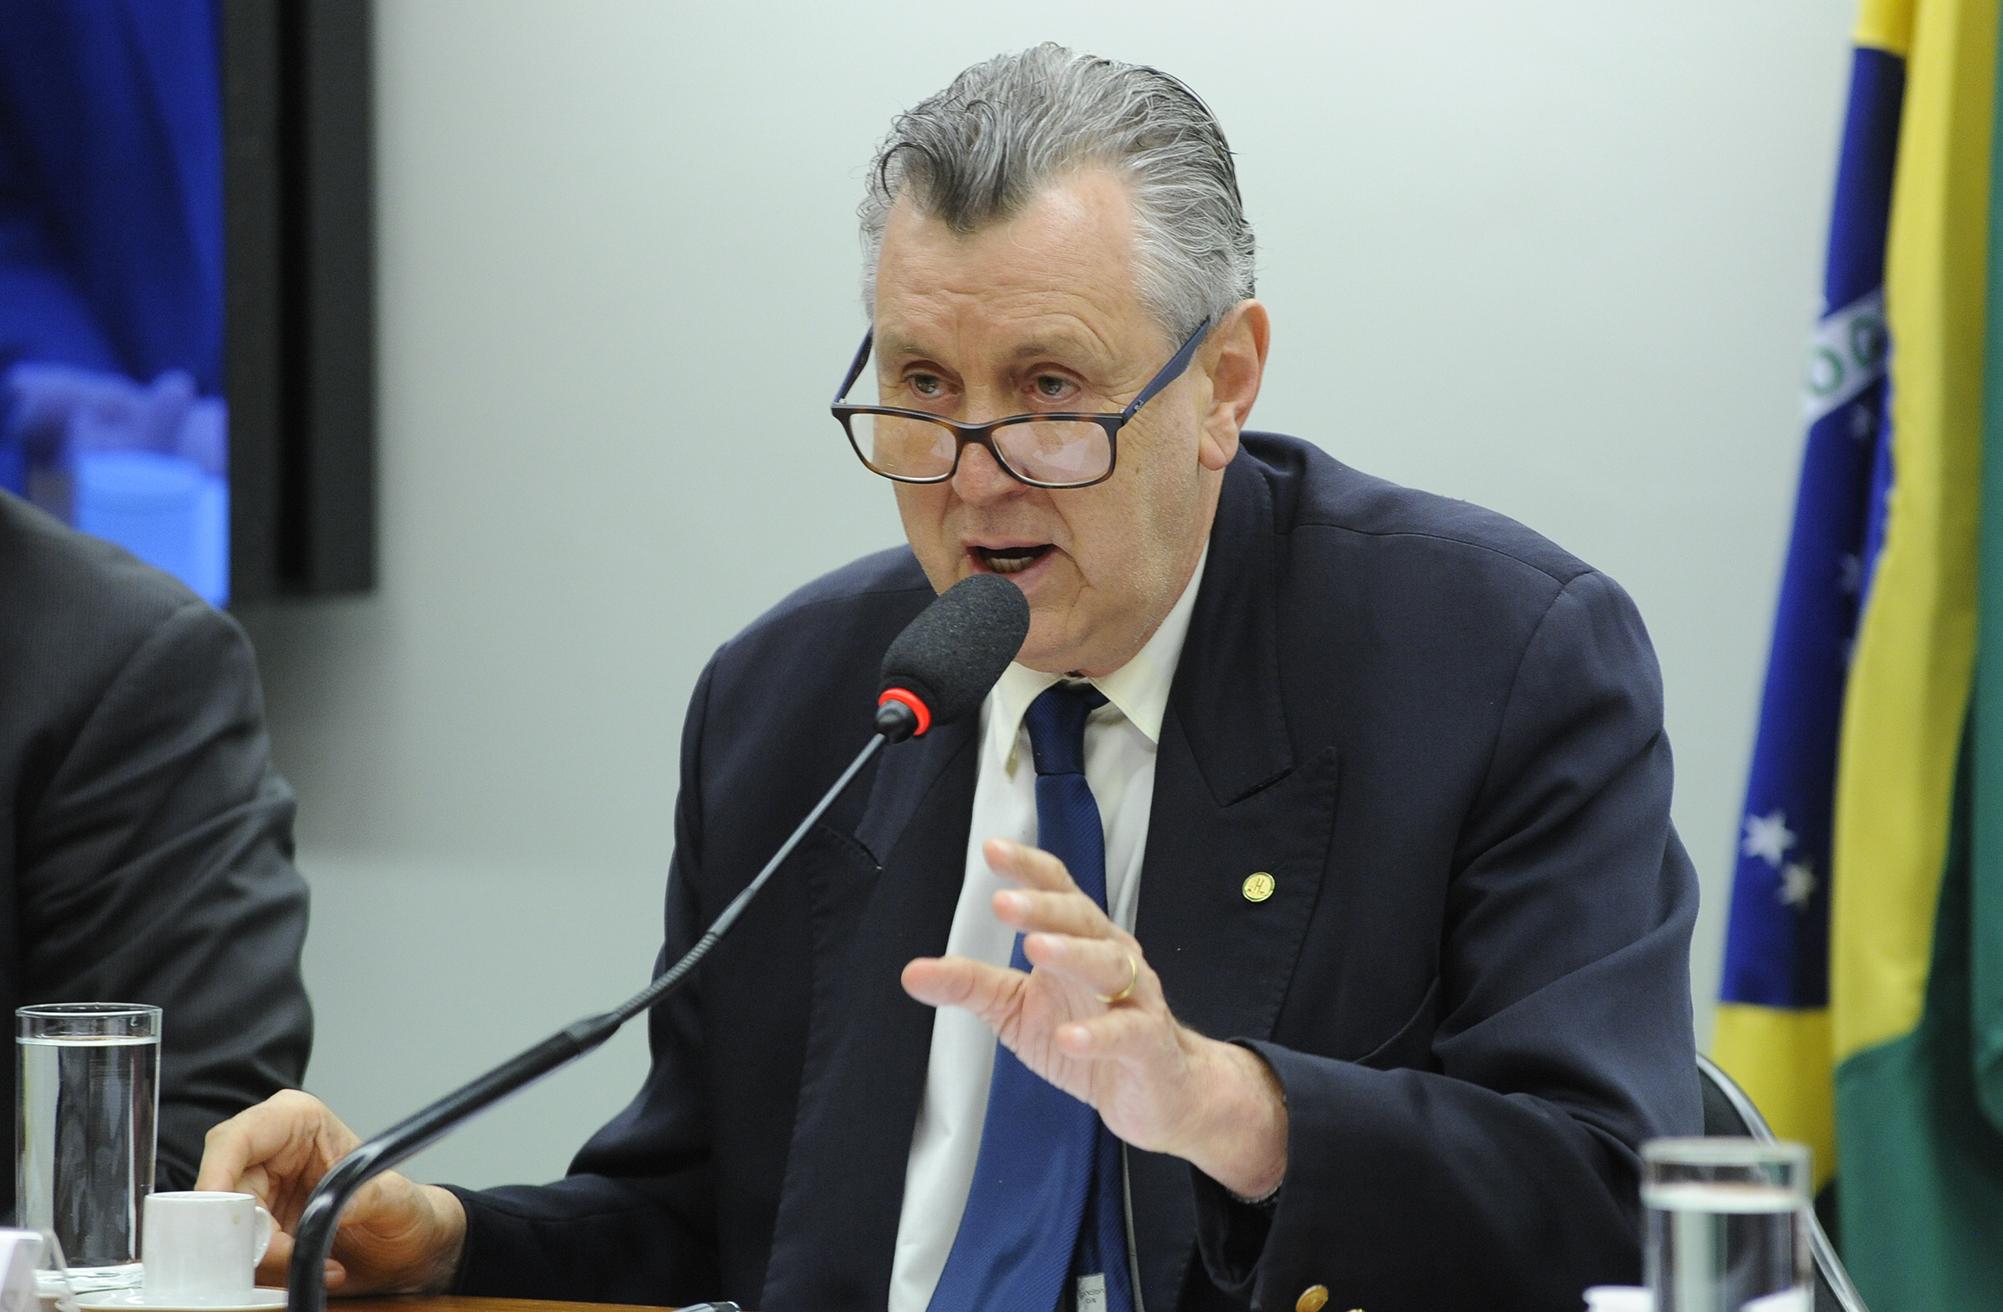 Audiência pública sobre a Resolução do Bacem 4.483, que limita a concessão de crédito do Programa Nacional de Fortalecimento da Agricultura Familiar (Pronaf) aos produtores de tabaco. Dep. Luiz Carlos Heinze (PP-RS)